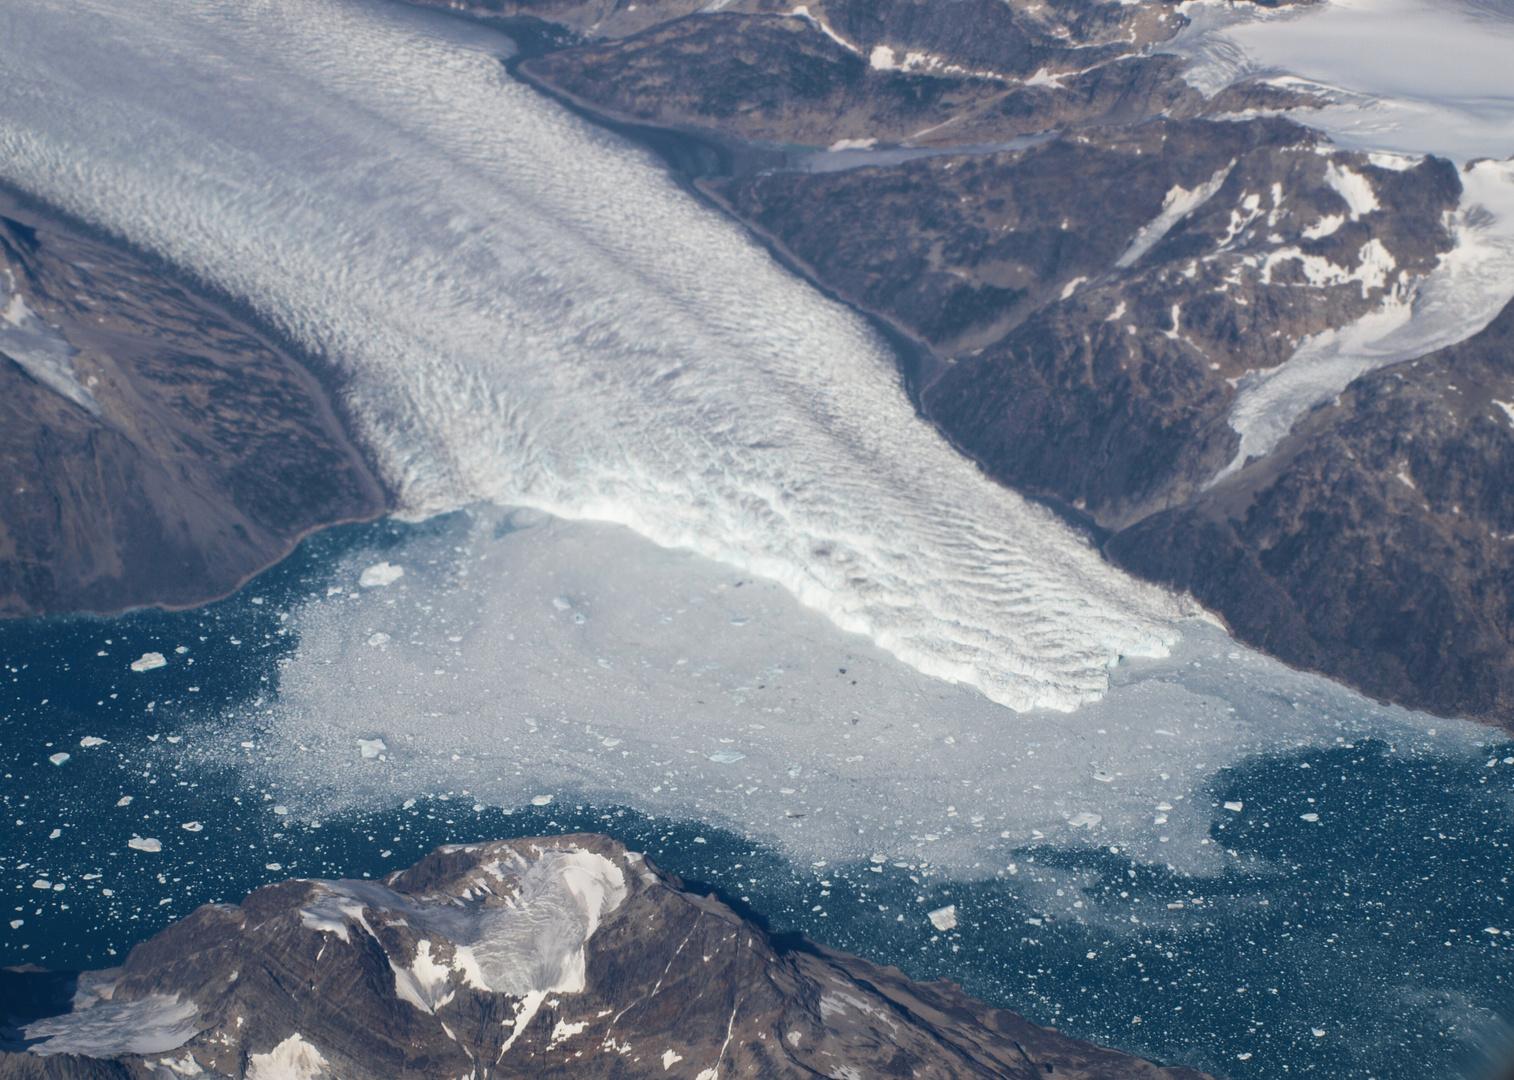 ein kalbender Gletscher aus mehr als 10 Km Höhe